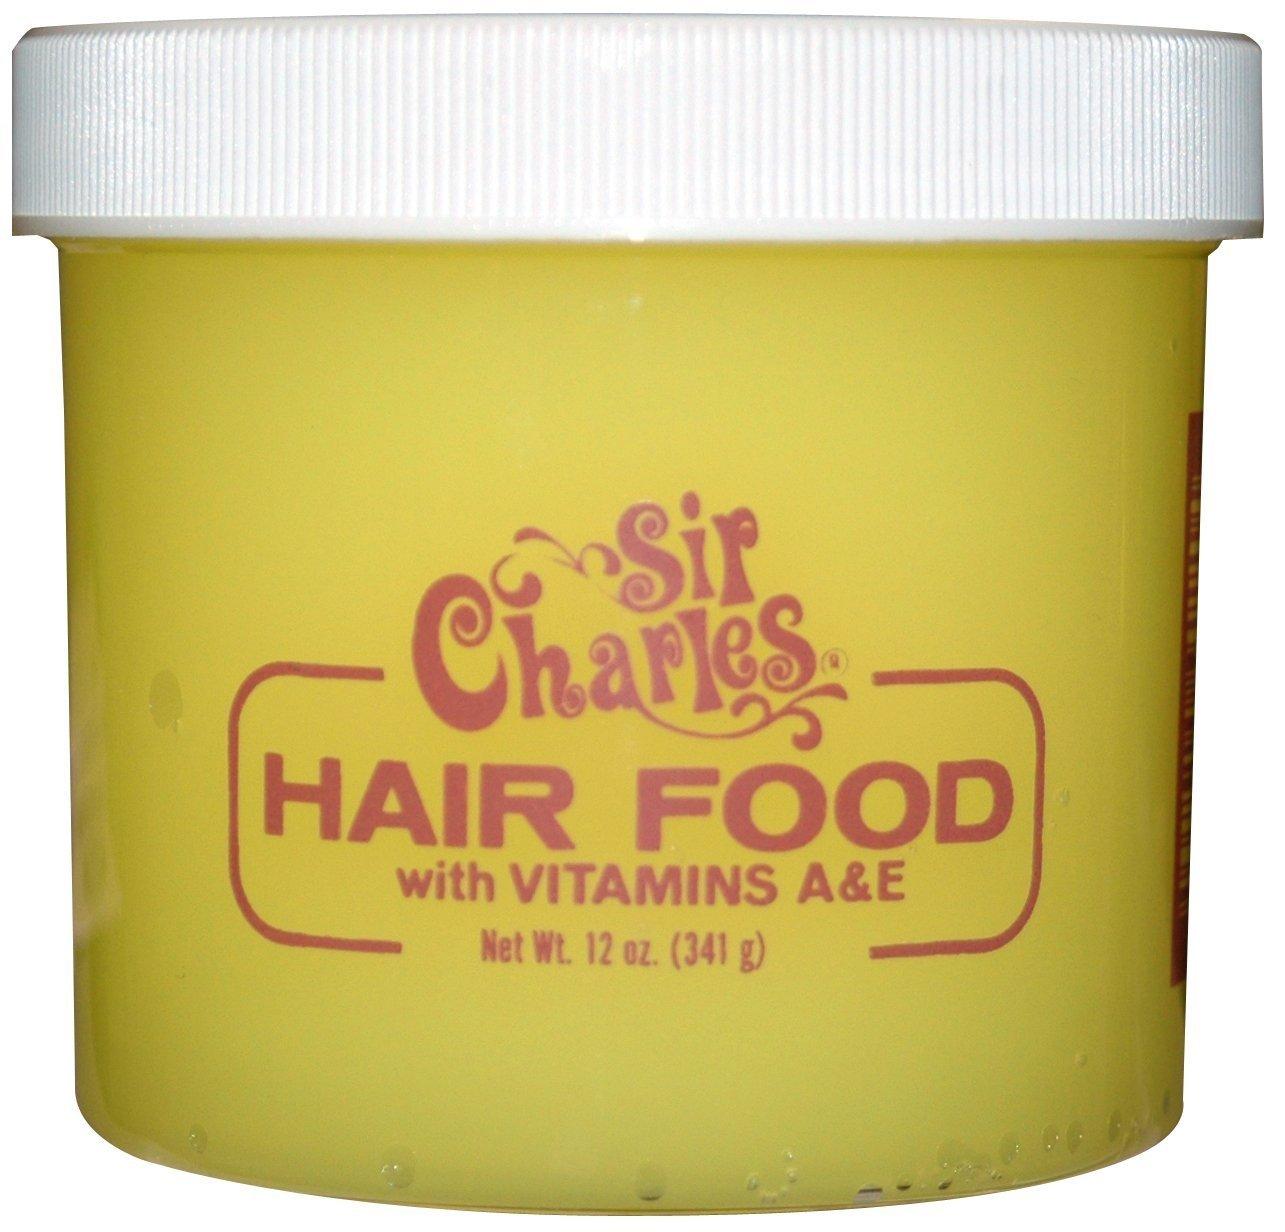 Sir Charles Hair Food with Vitamins A & E 12 oz